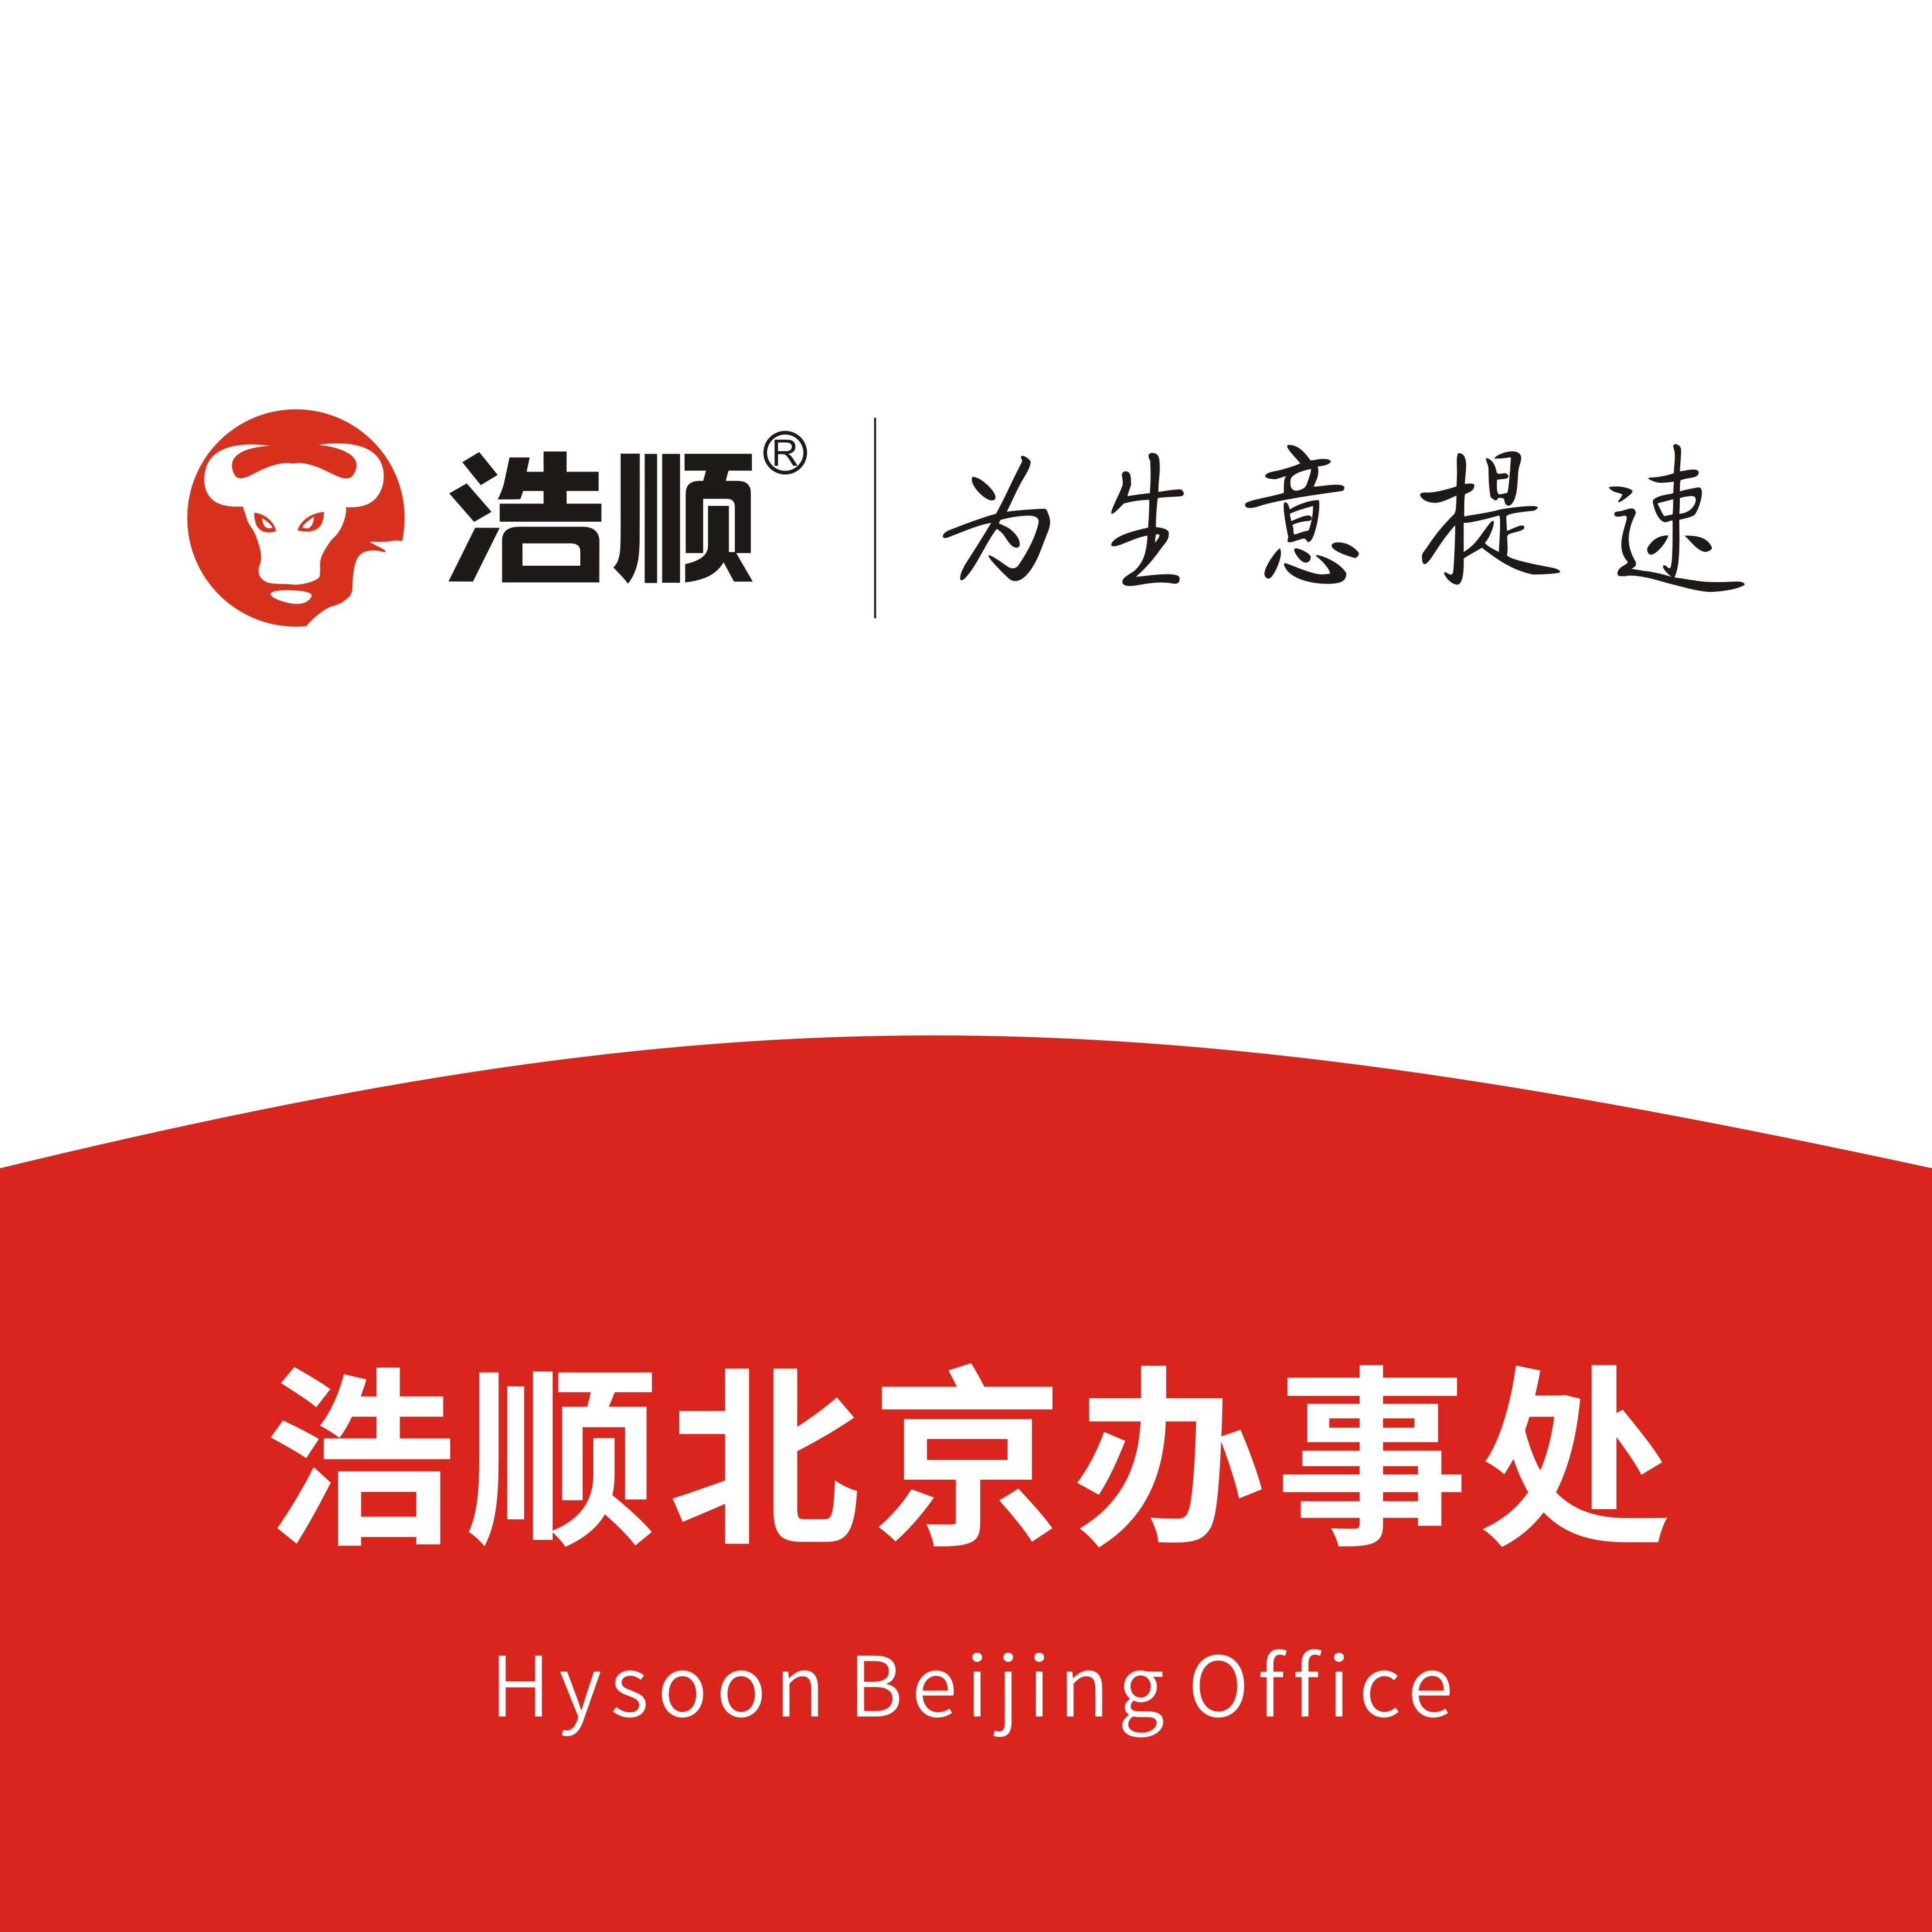 北京乐虎国际官方网站